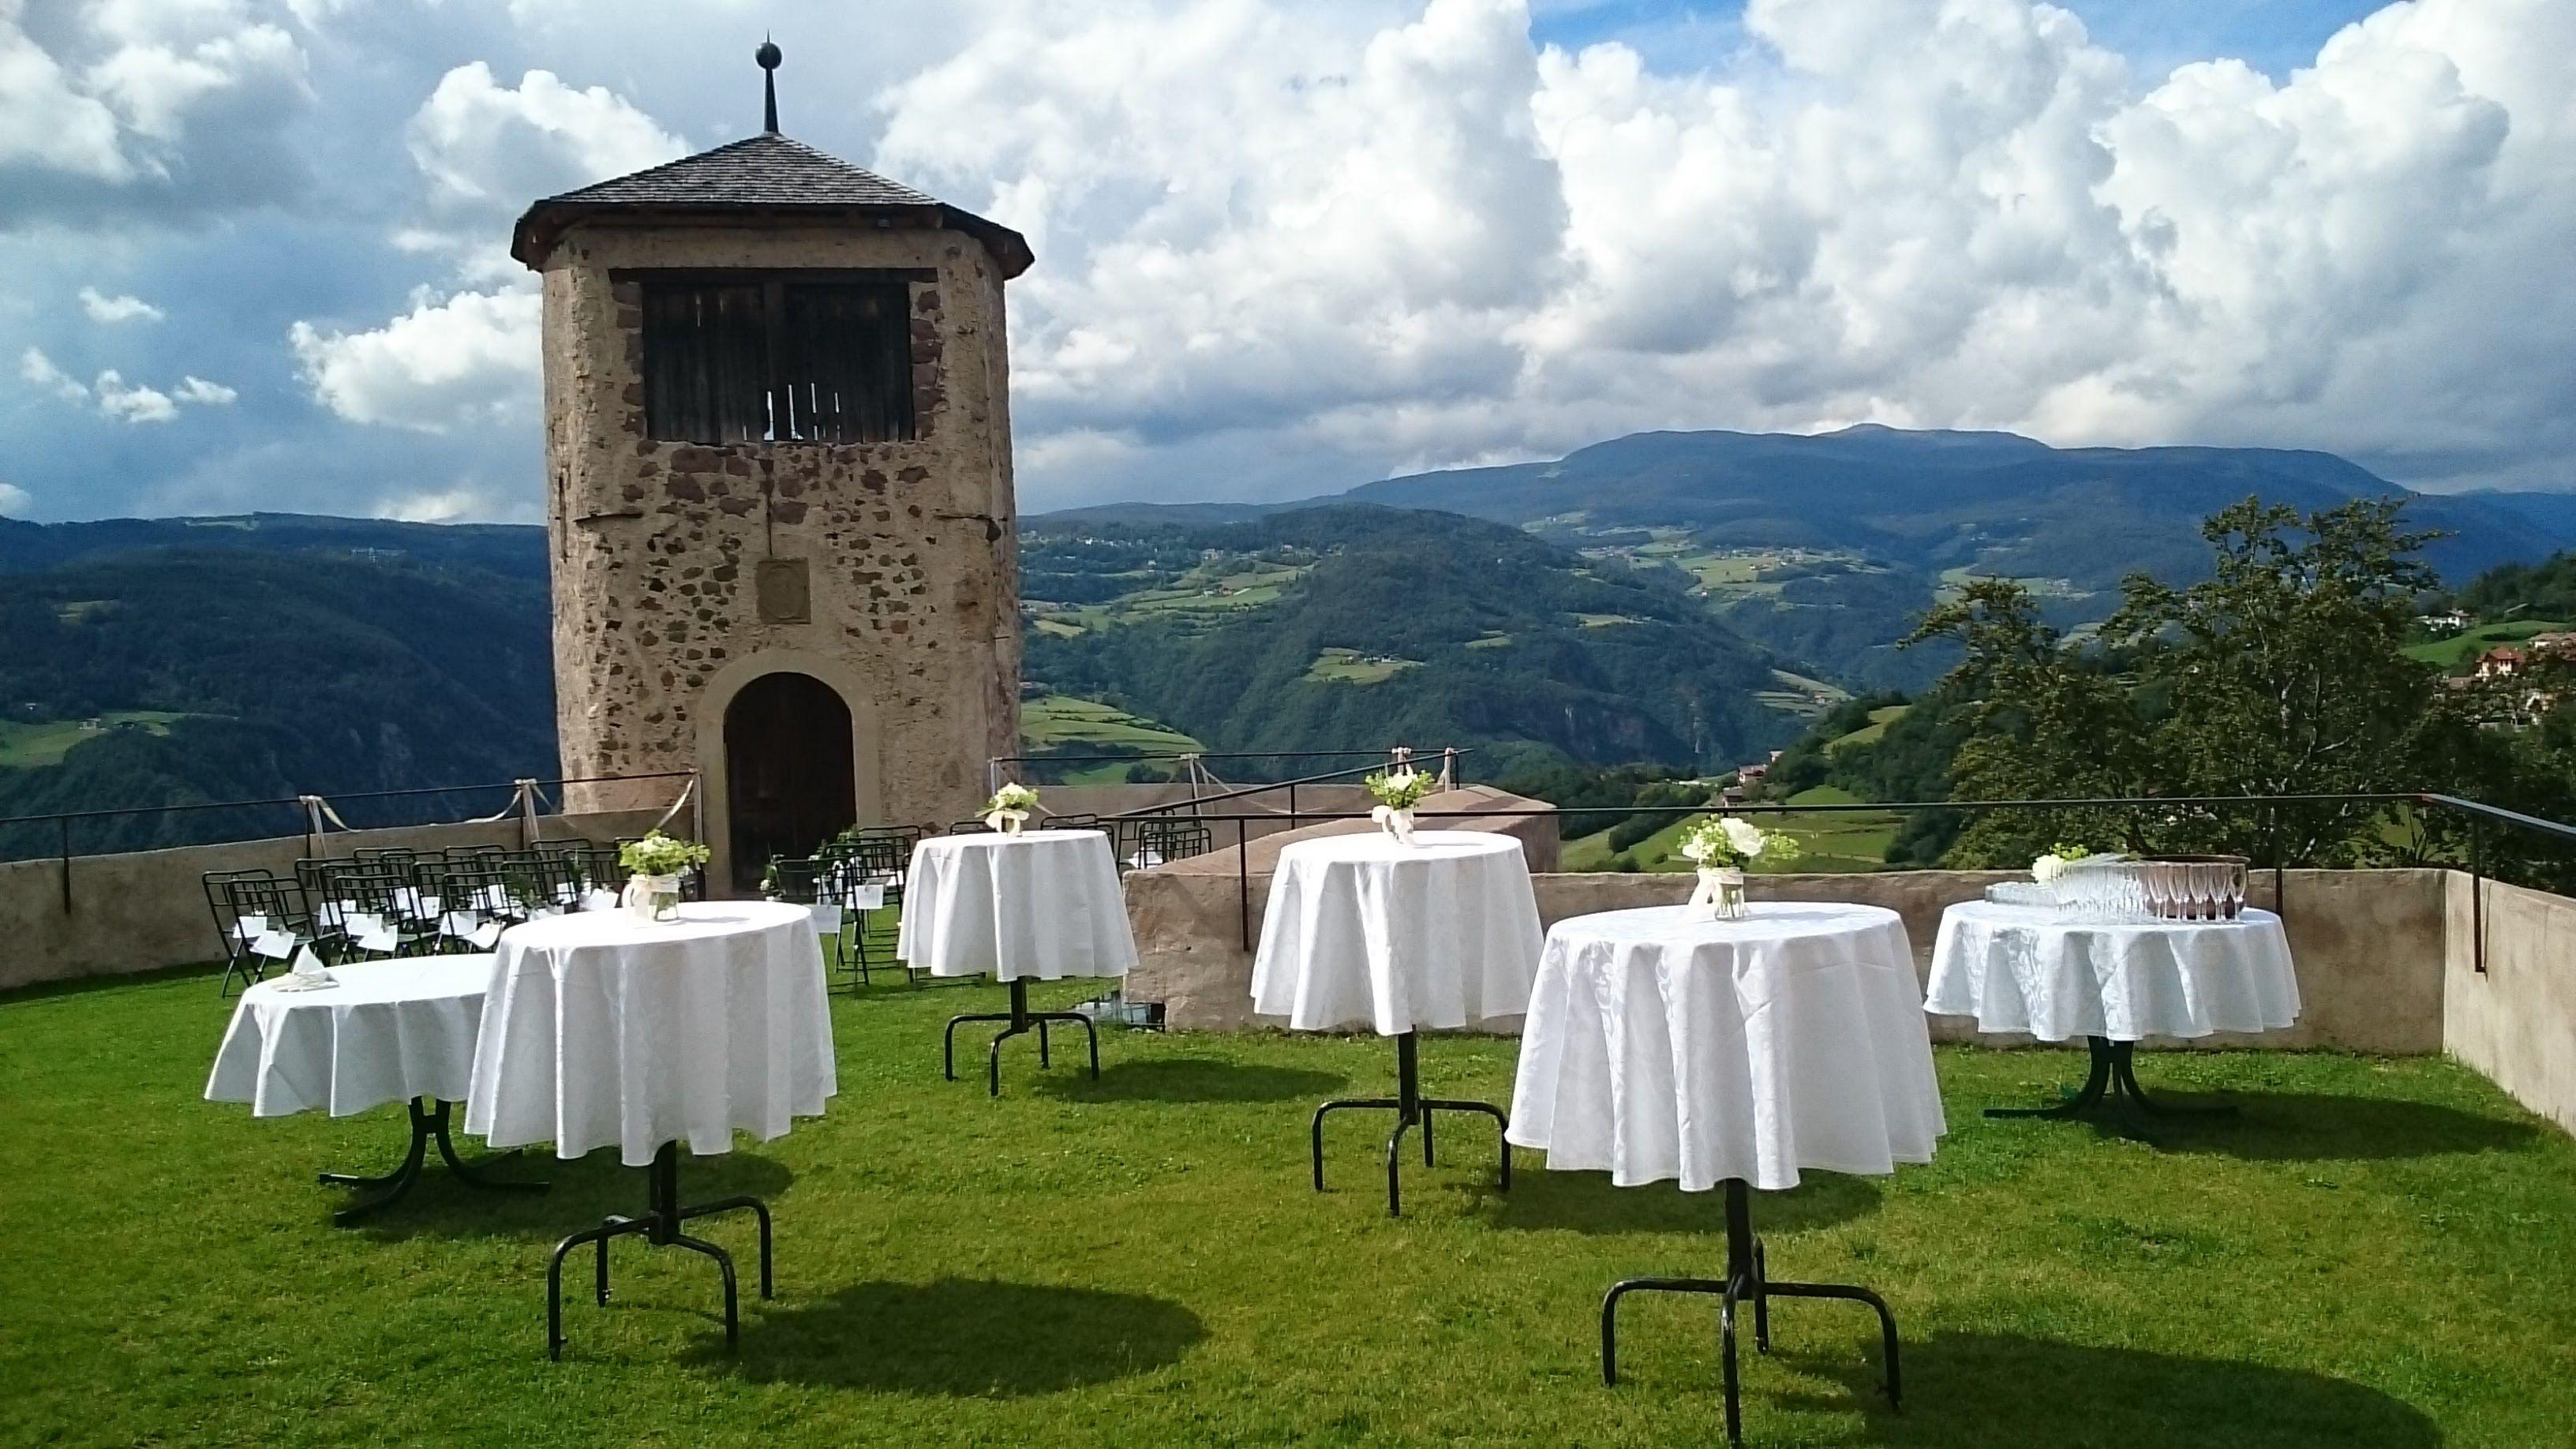 Hochzeit Im Schloss Panorama Heiraten In Sudtirol Dolomiten Aperitif Im Freien Matrimonio